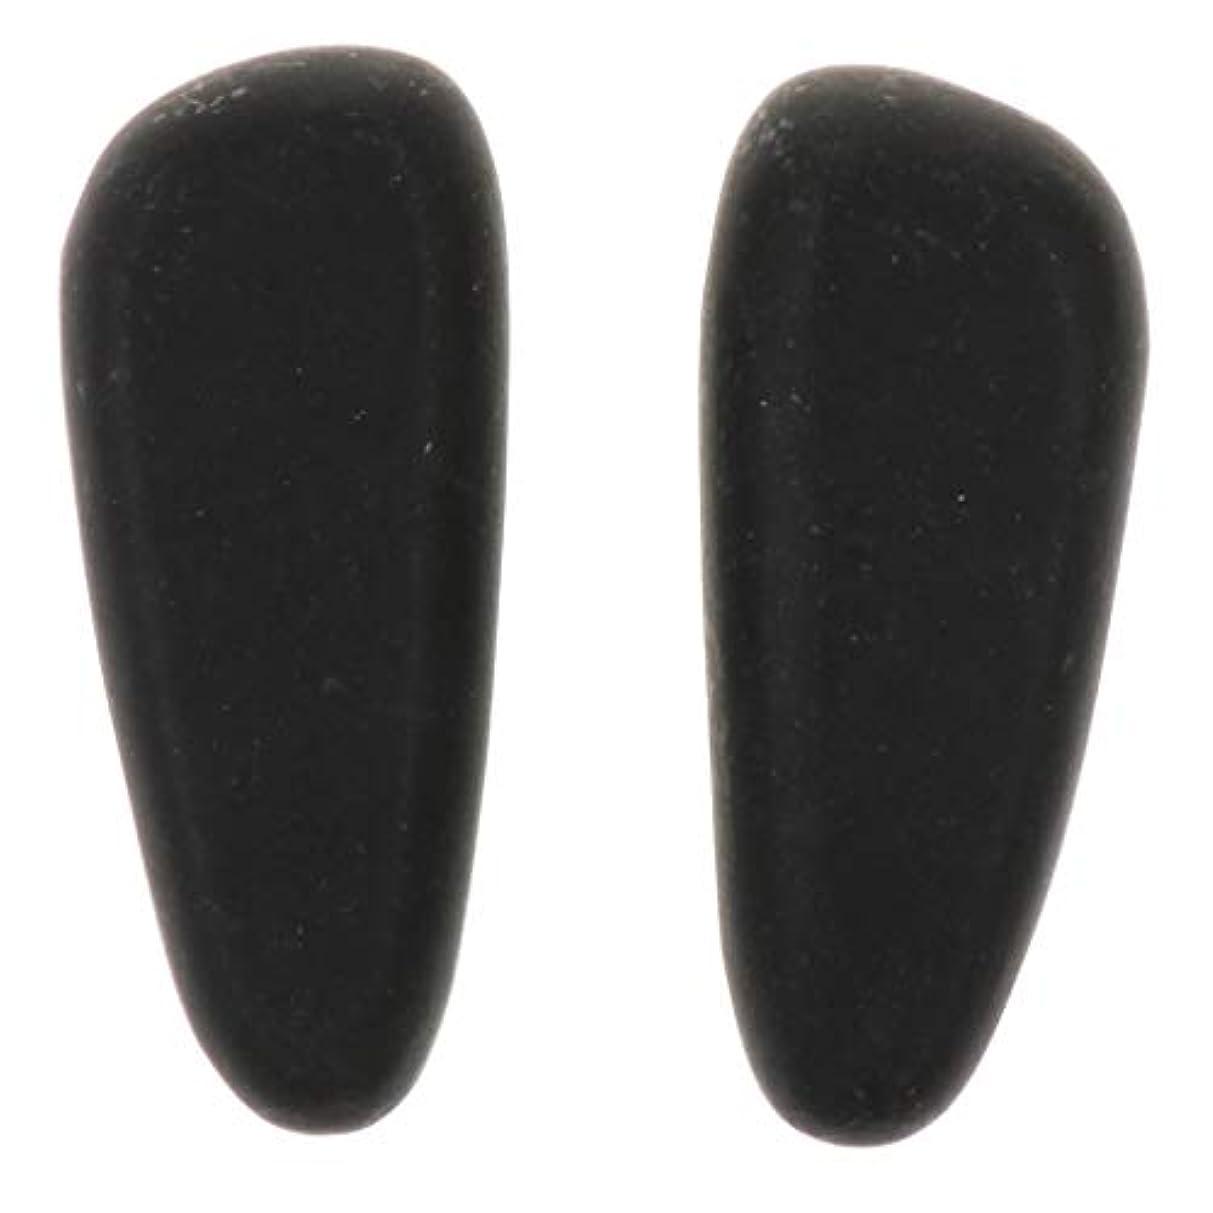 アクチュエータ拾うお別れSM SunniMix 天然石ホットストーン マッサージ用玄武岩 マッサージストーン マッサージ石 ボディマッサージ 2個 全2サイズ - 8×3.2×2cm